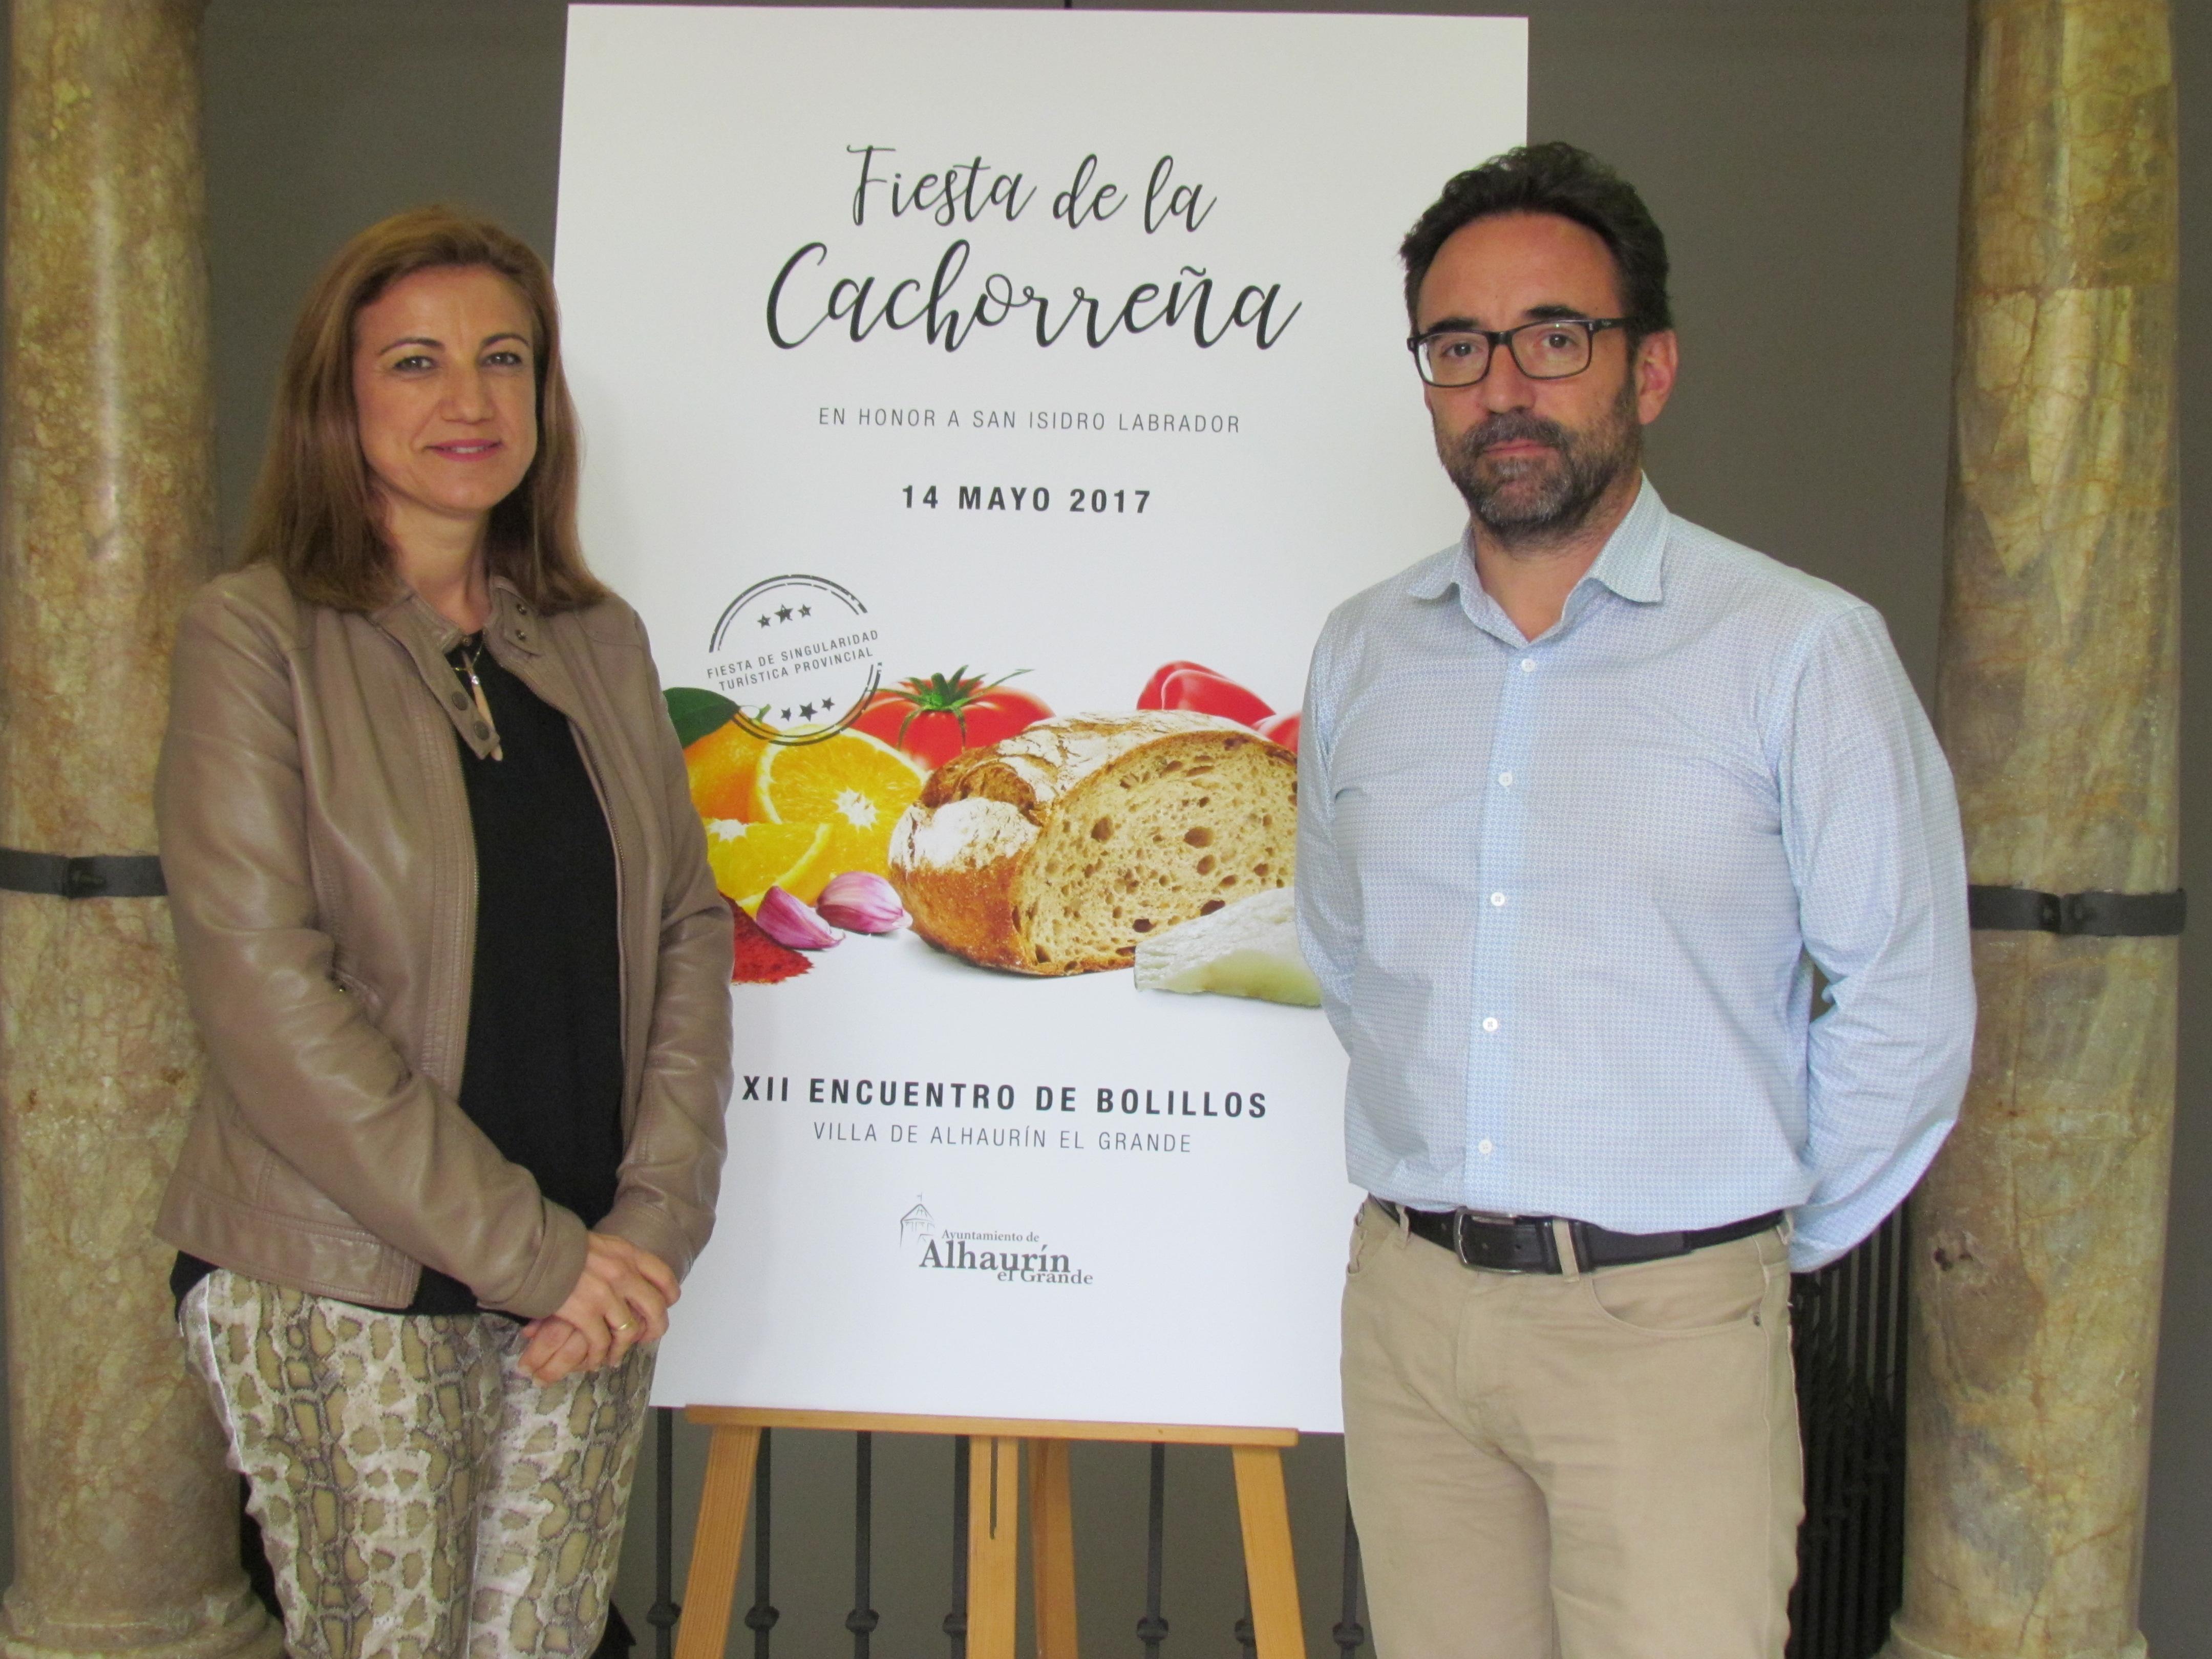 Alhaurín el Grande – El próximo domingo 14 de mayo tendrá lugar la Fiesta de la Cachorreña en honor a San Isidro